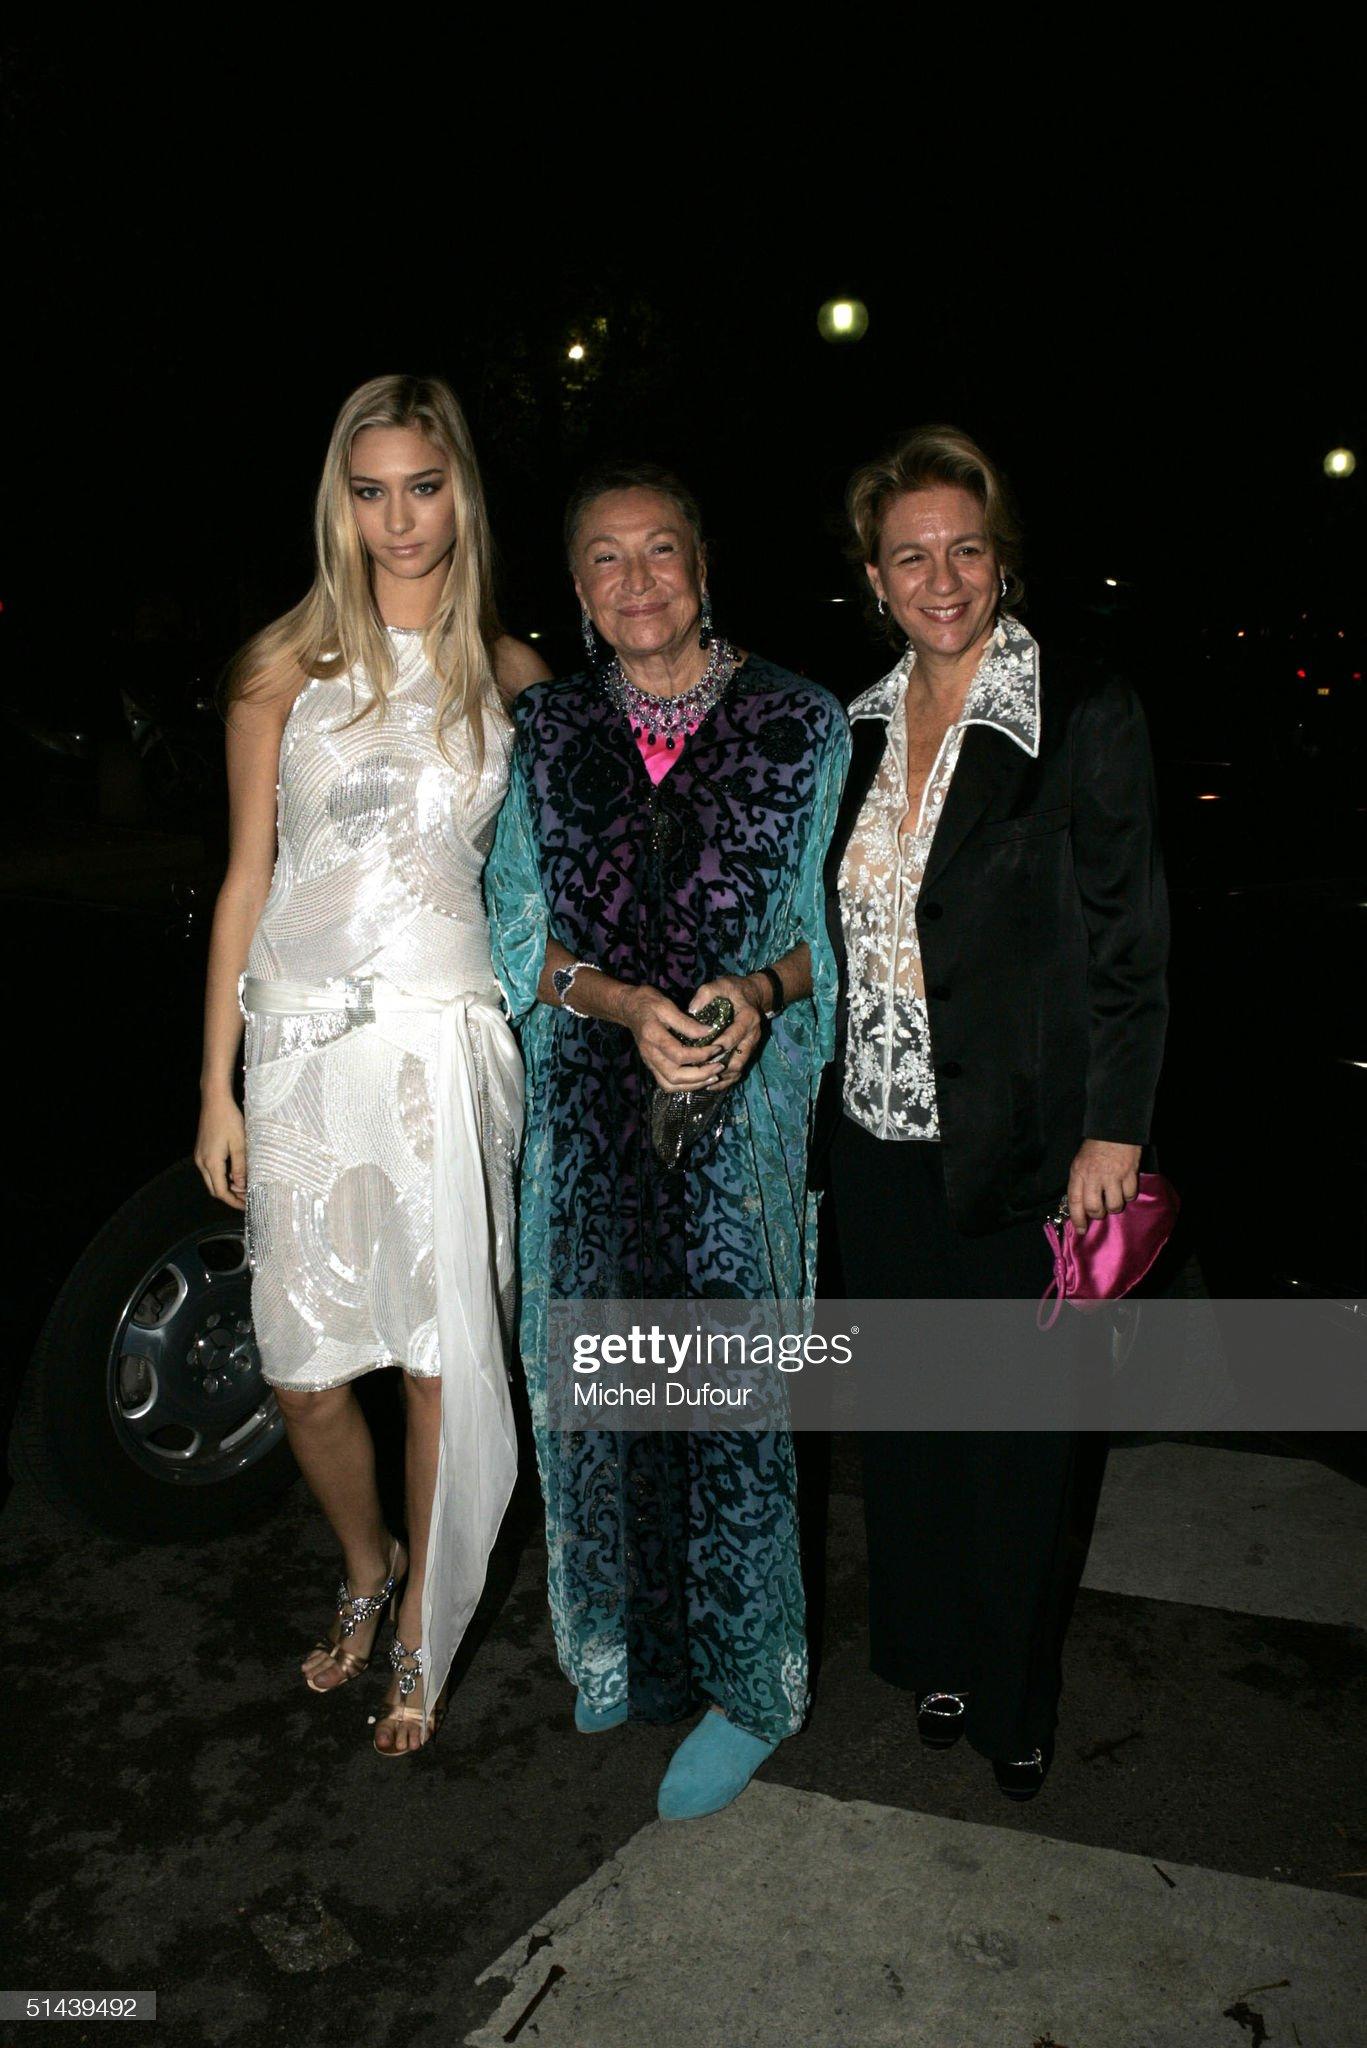 Gwyneth Paltrow Birthday Party : News Photo